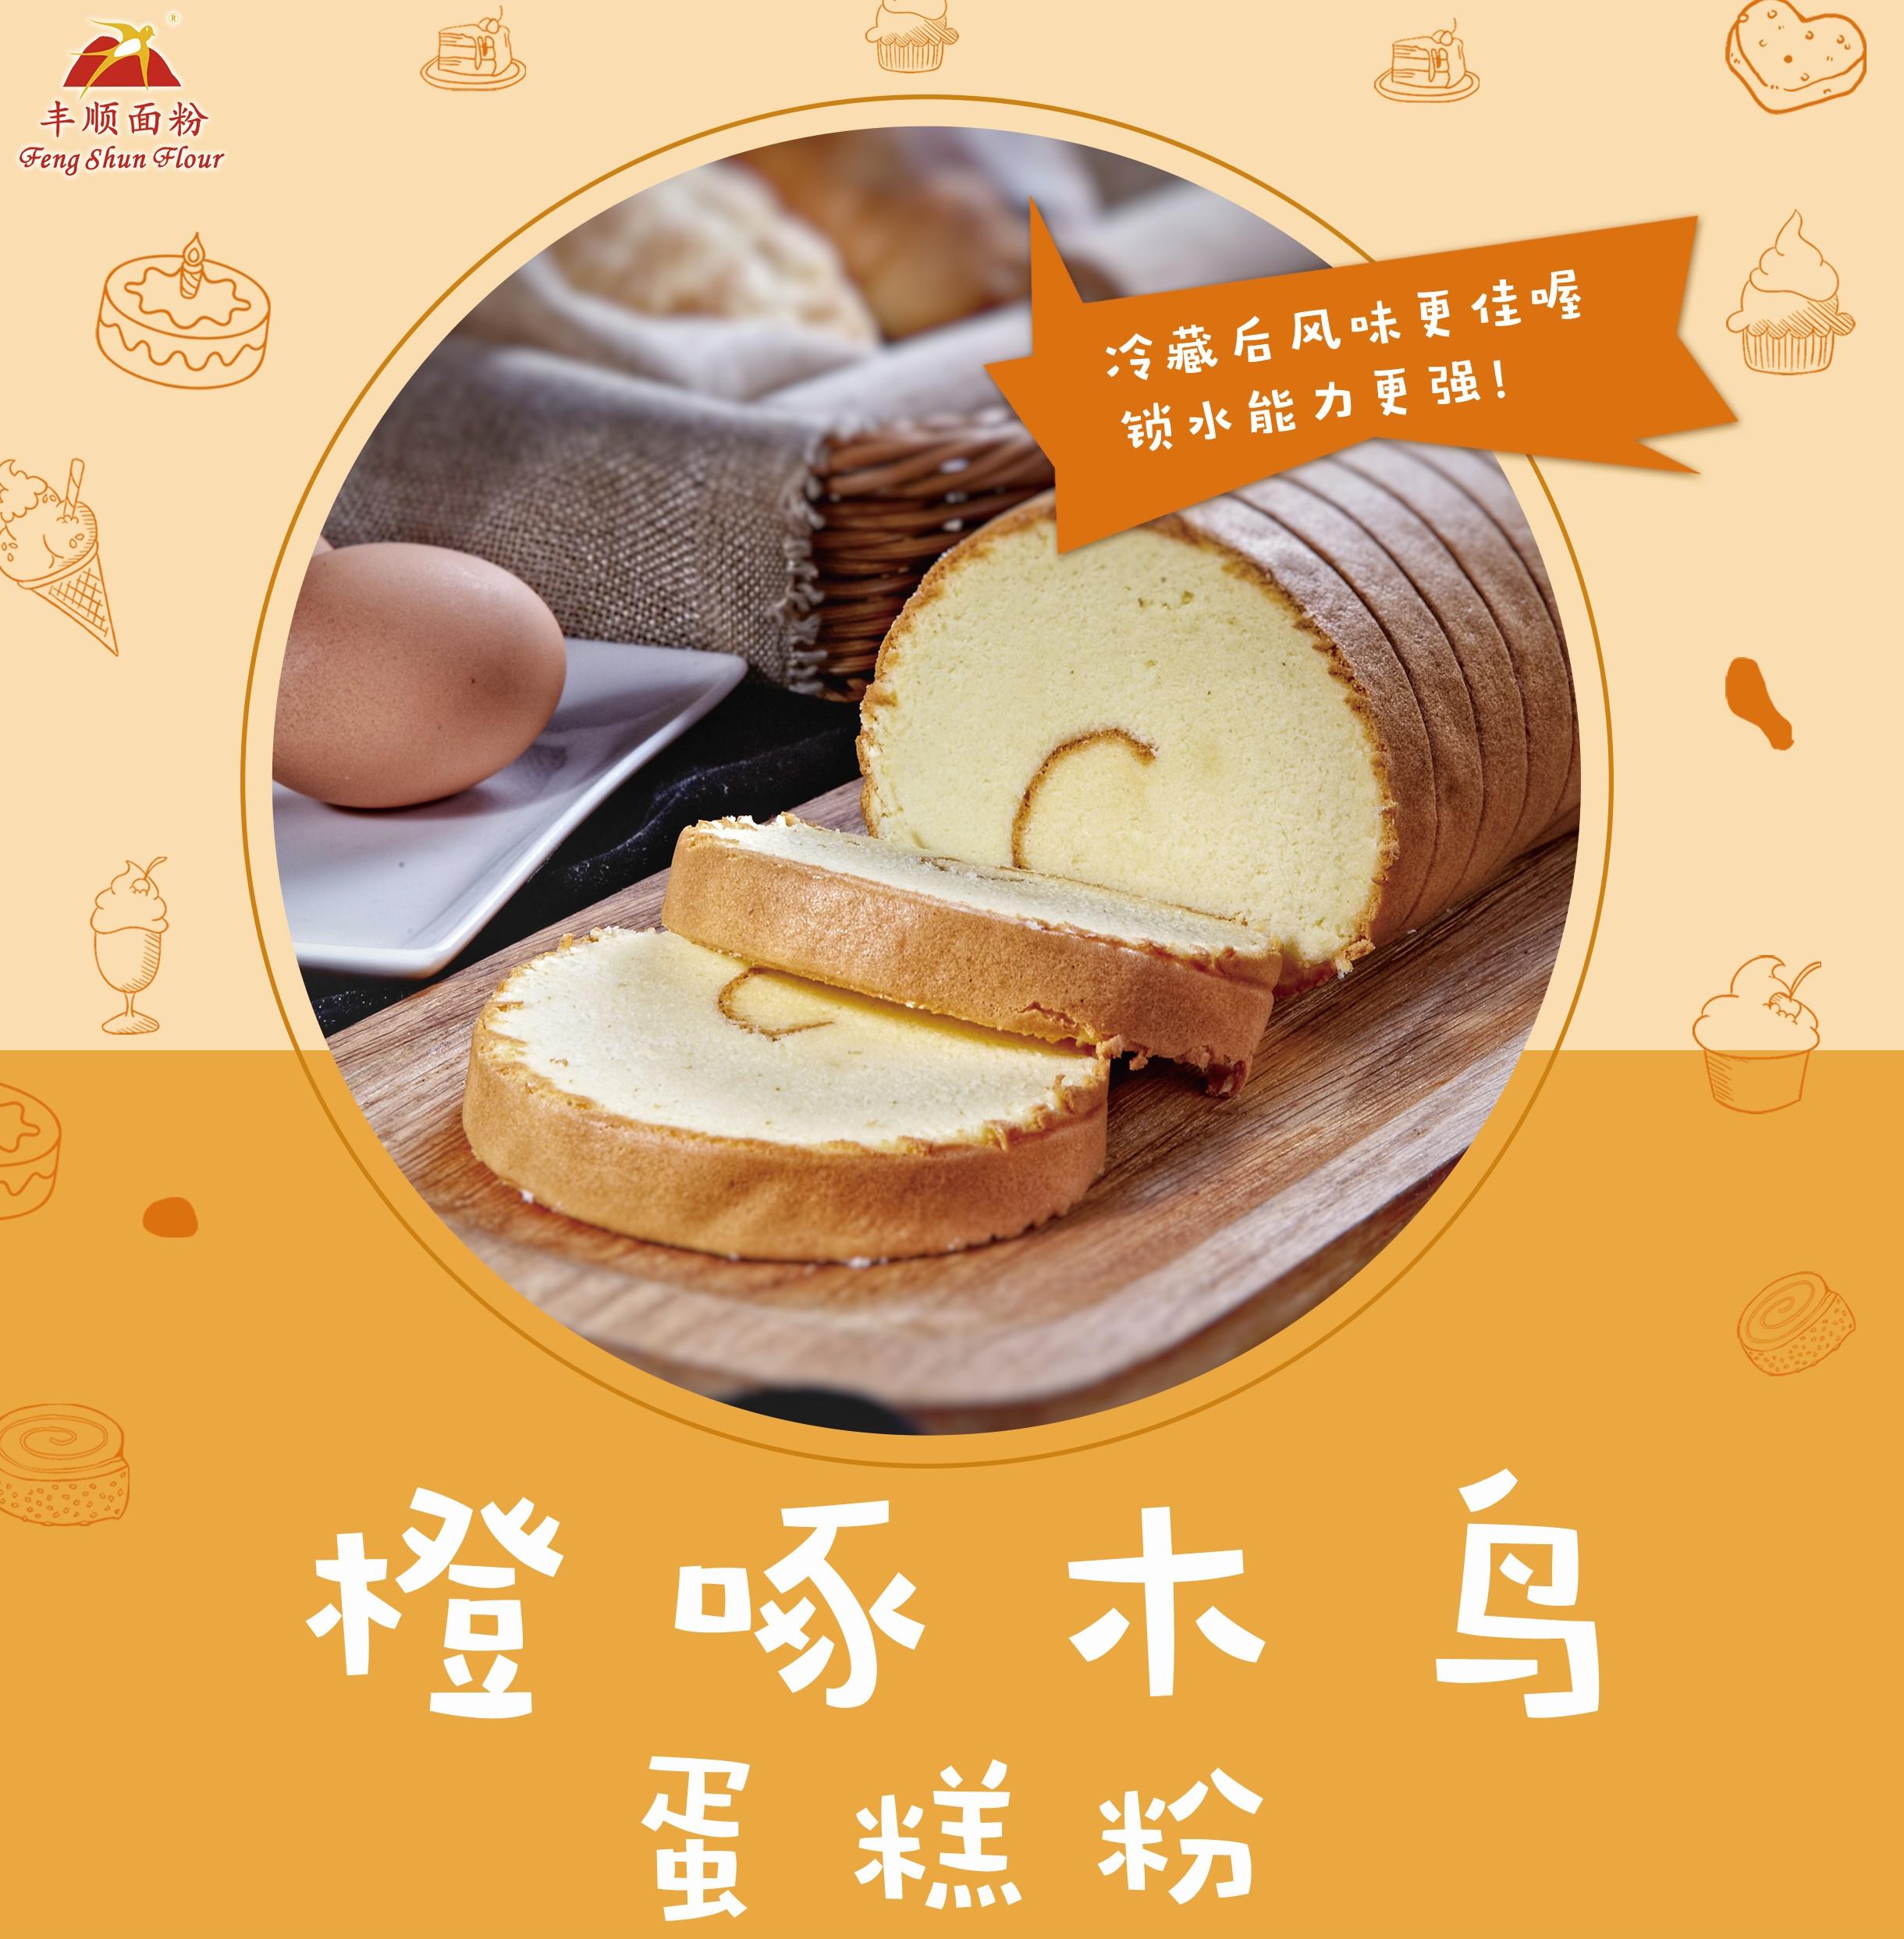 橙啄木鳥蛋糕粉